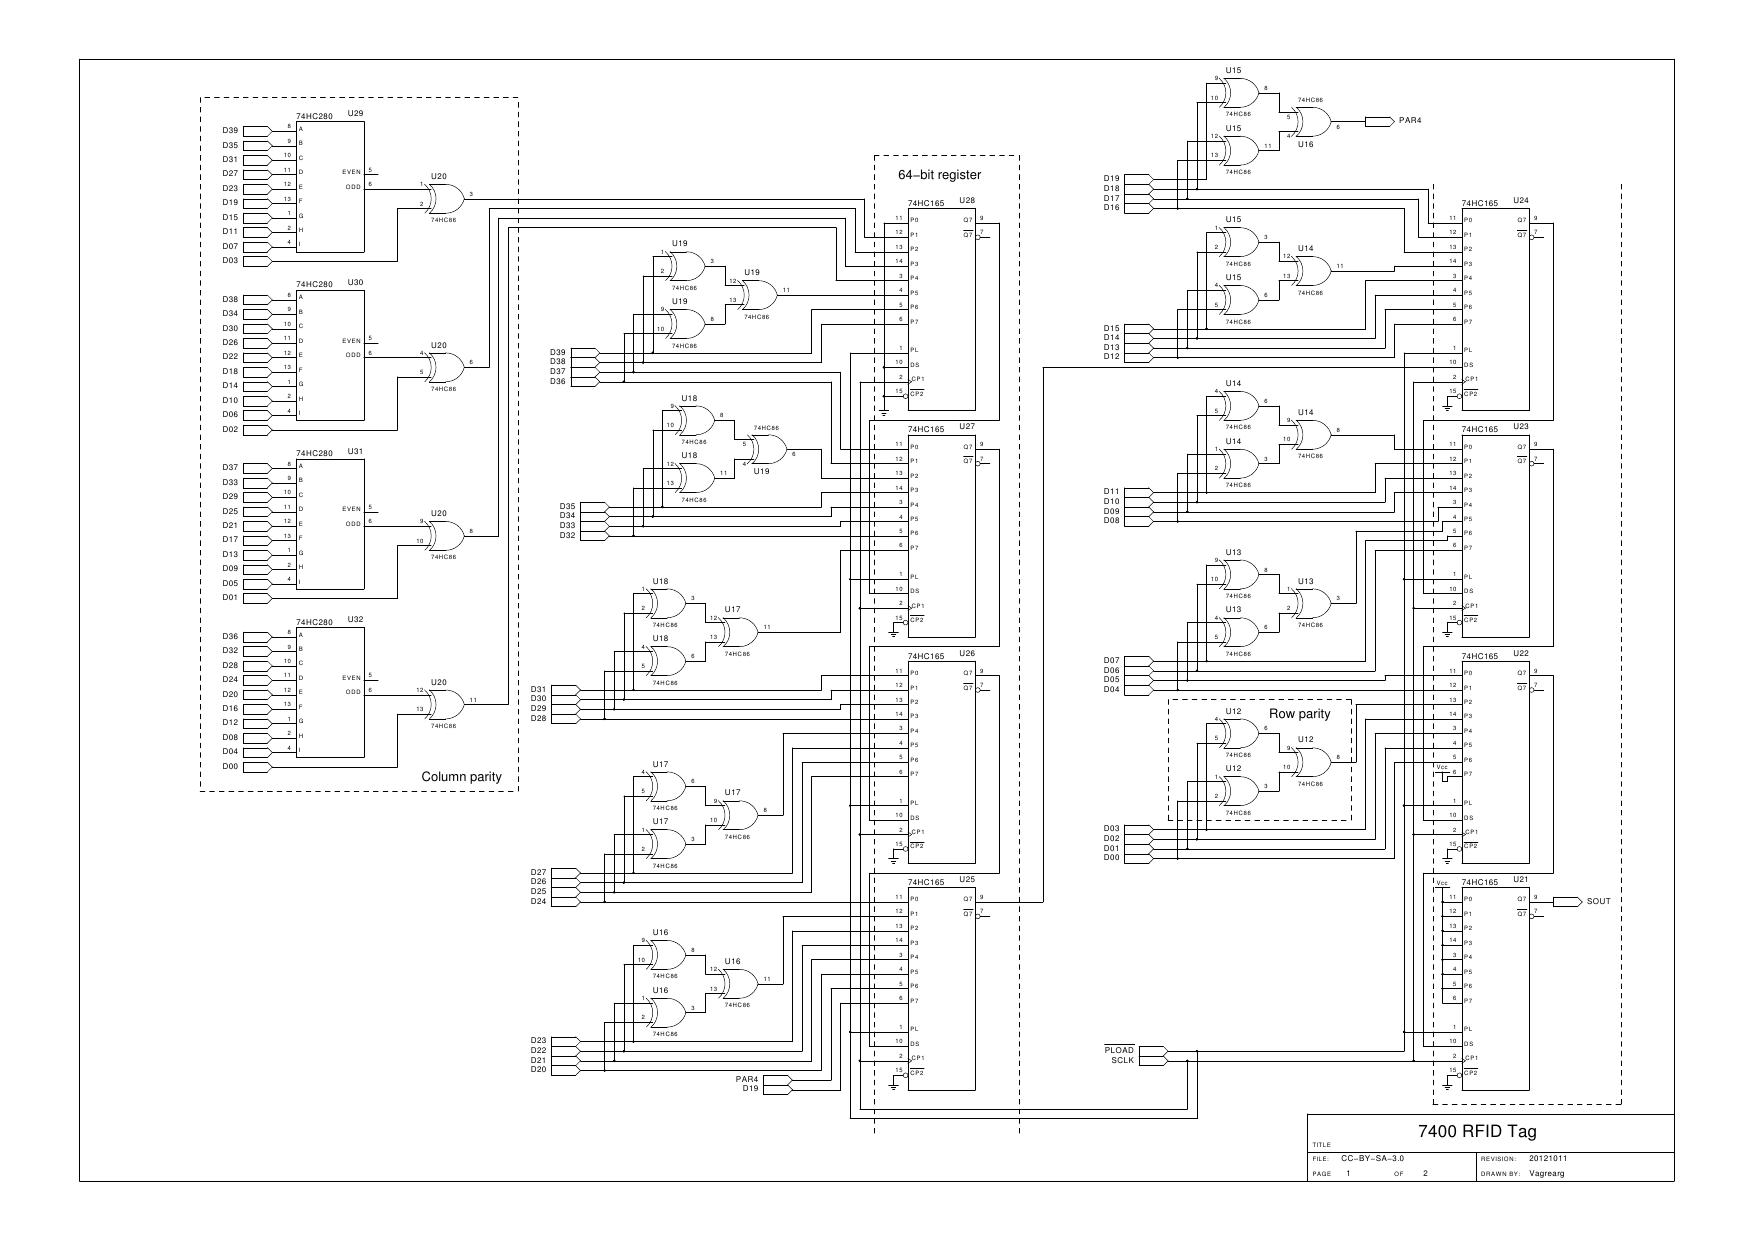 Vagrearg Rf74xxid Multifunction Passive 7400 Rfid Tag